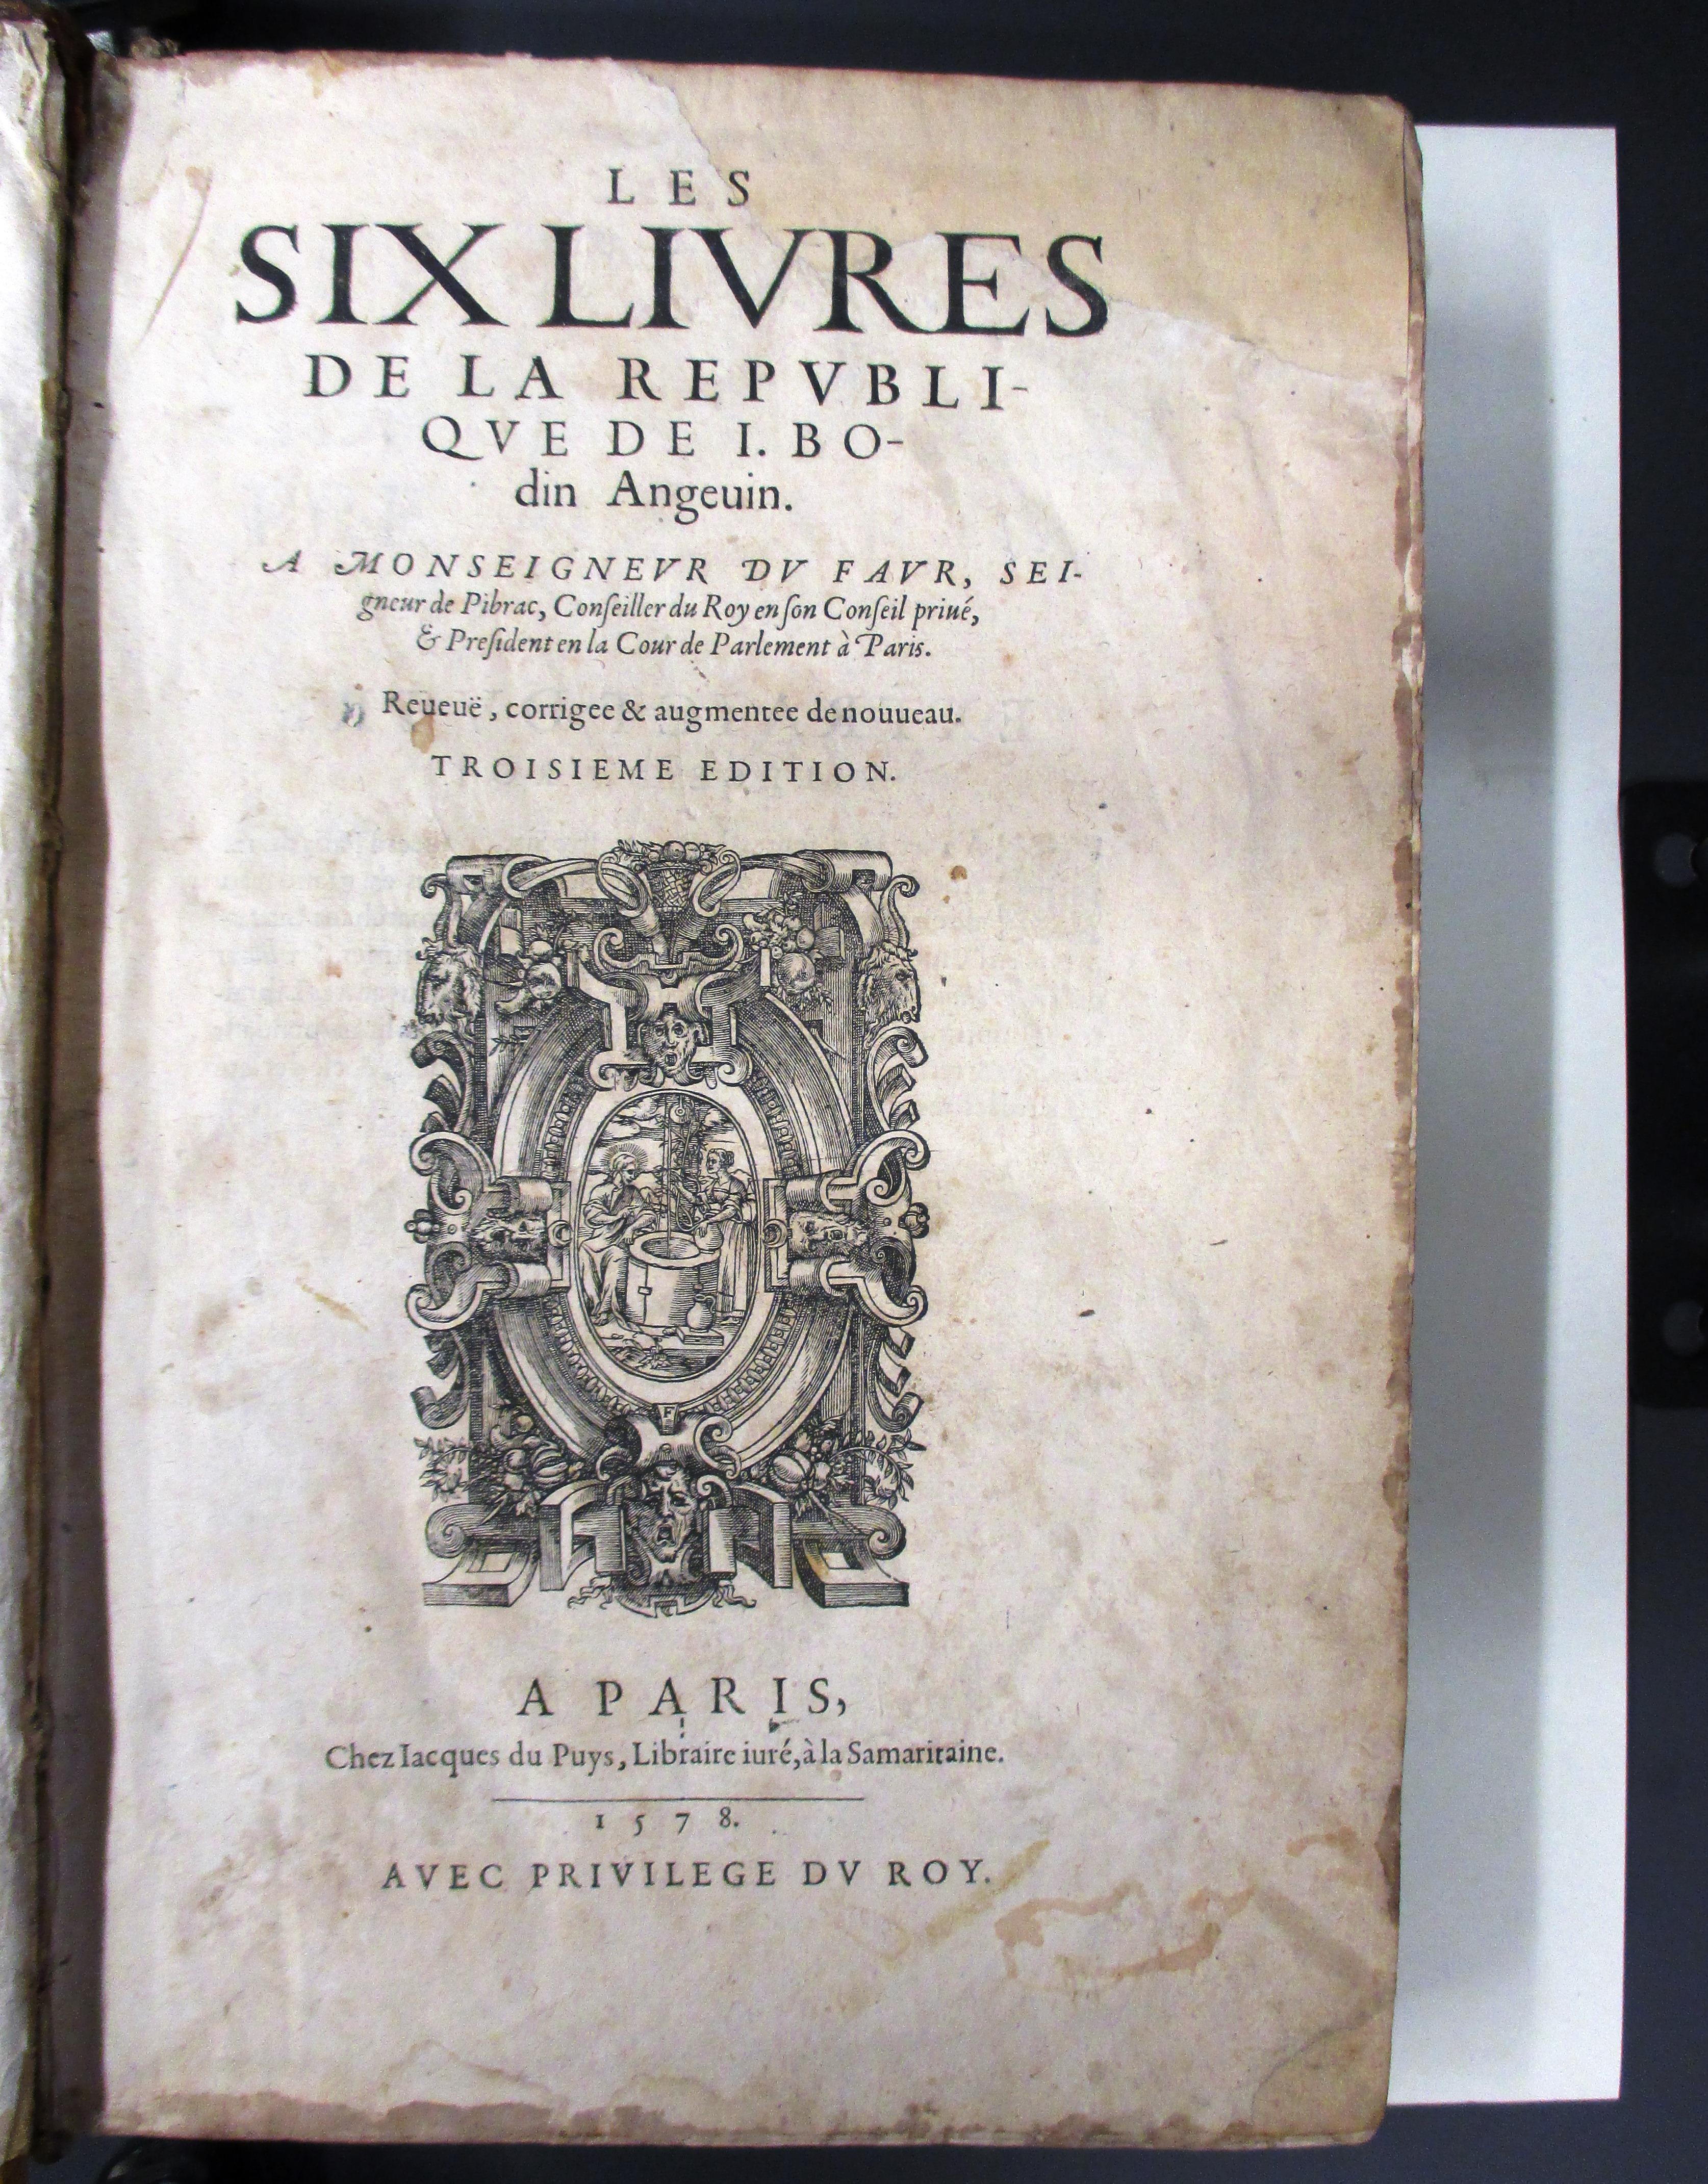 Bodin, Jean. Les six livres de la république de I. Bodin Angevin (3rd ed., 1578. SAYCE.3(OS))